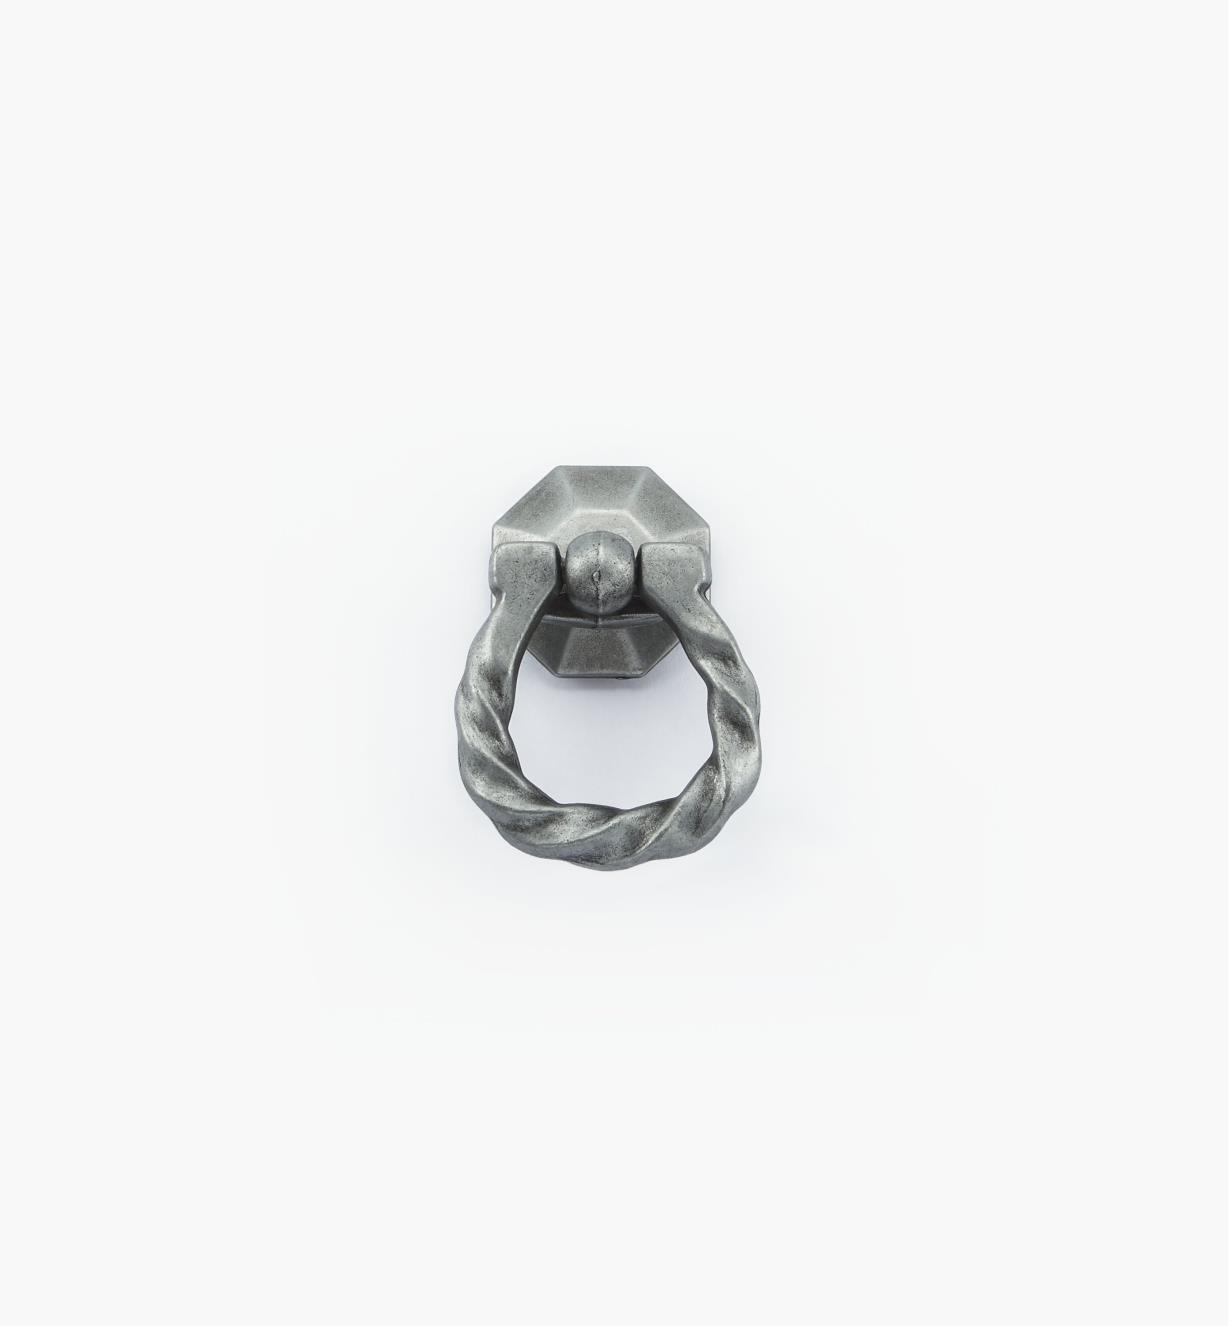 01W2917 - Poignée à anneau moulée à butée torsadée, fini argent antique, 13/4po